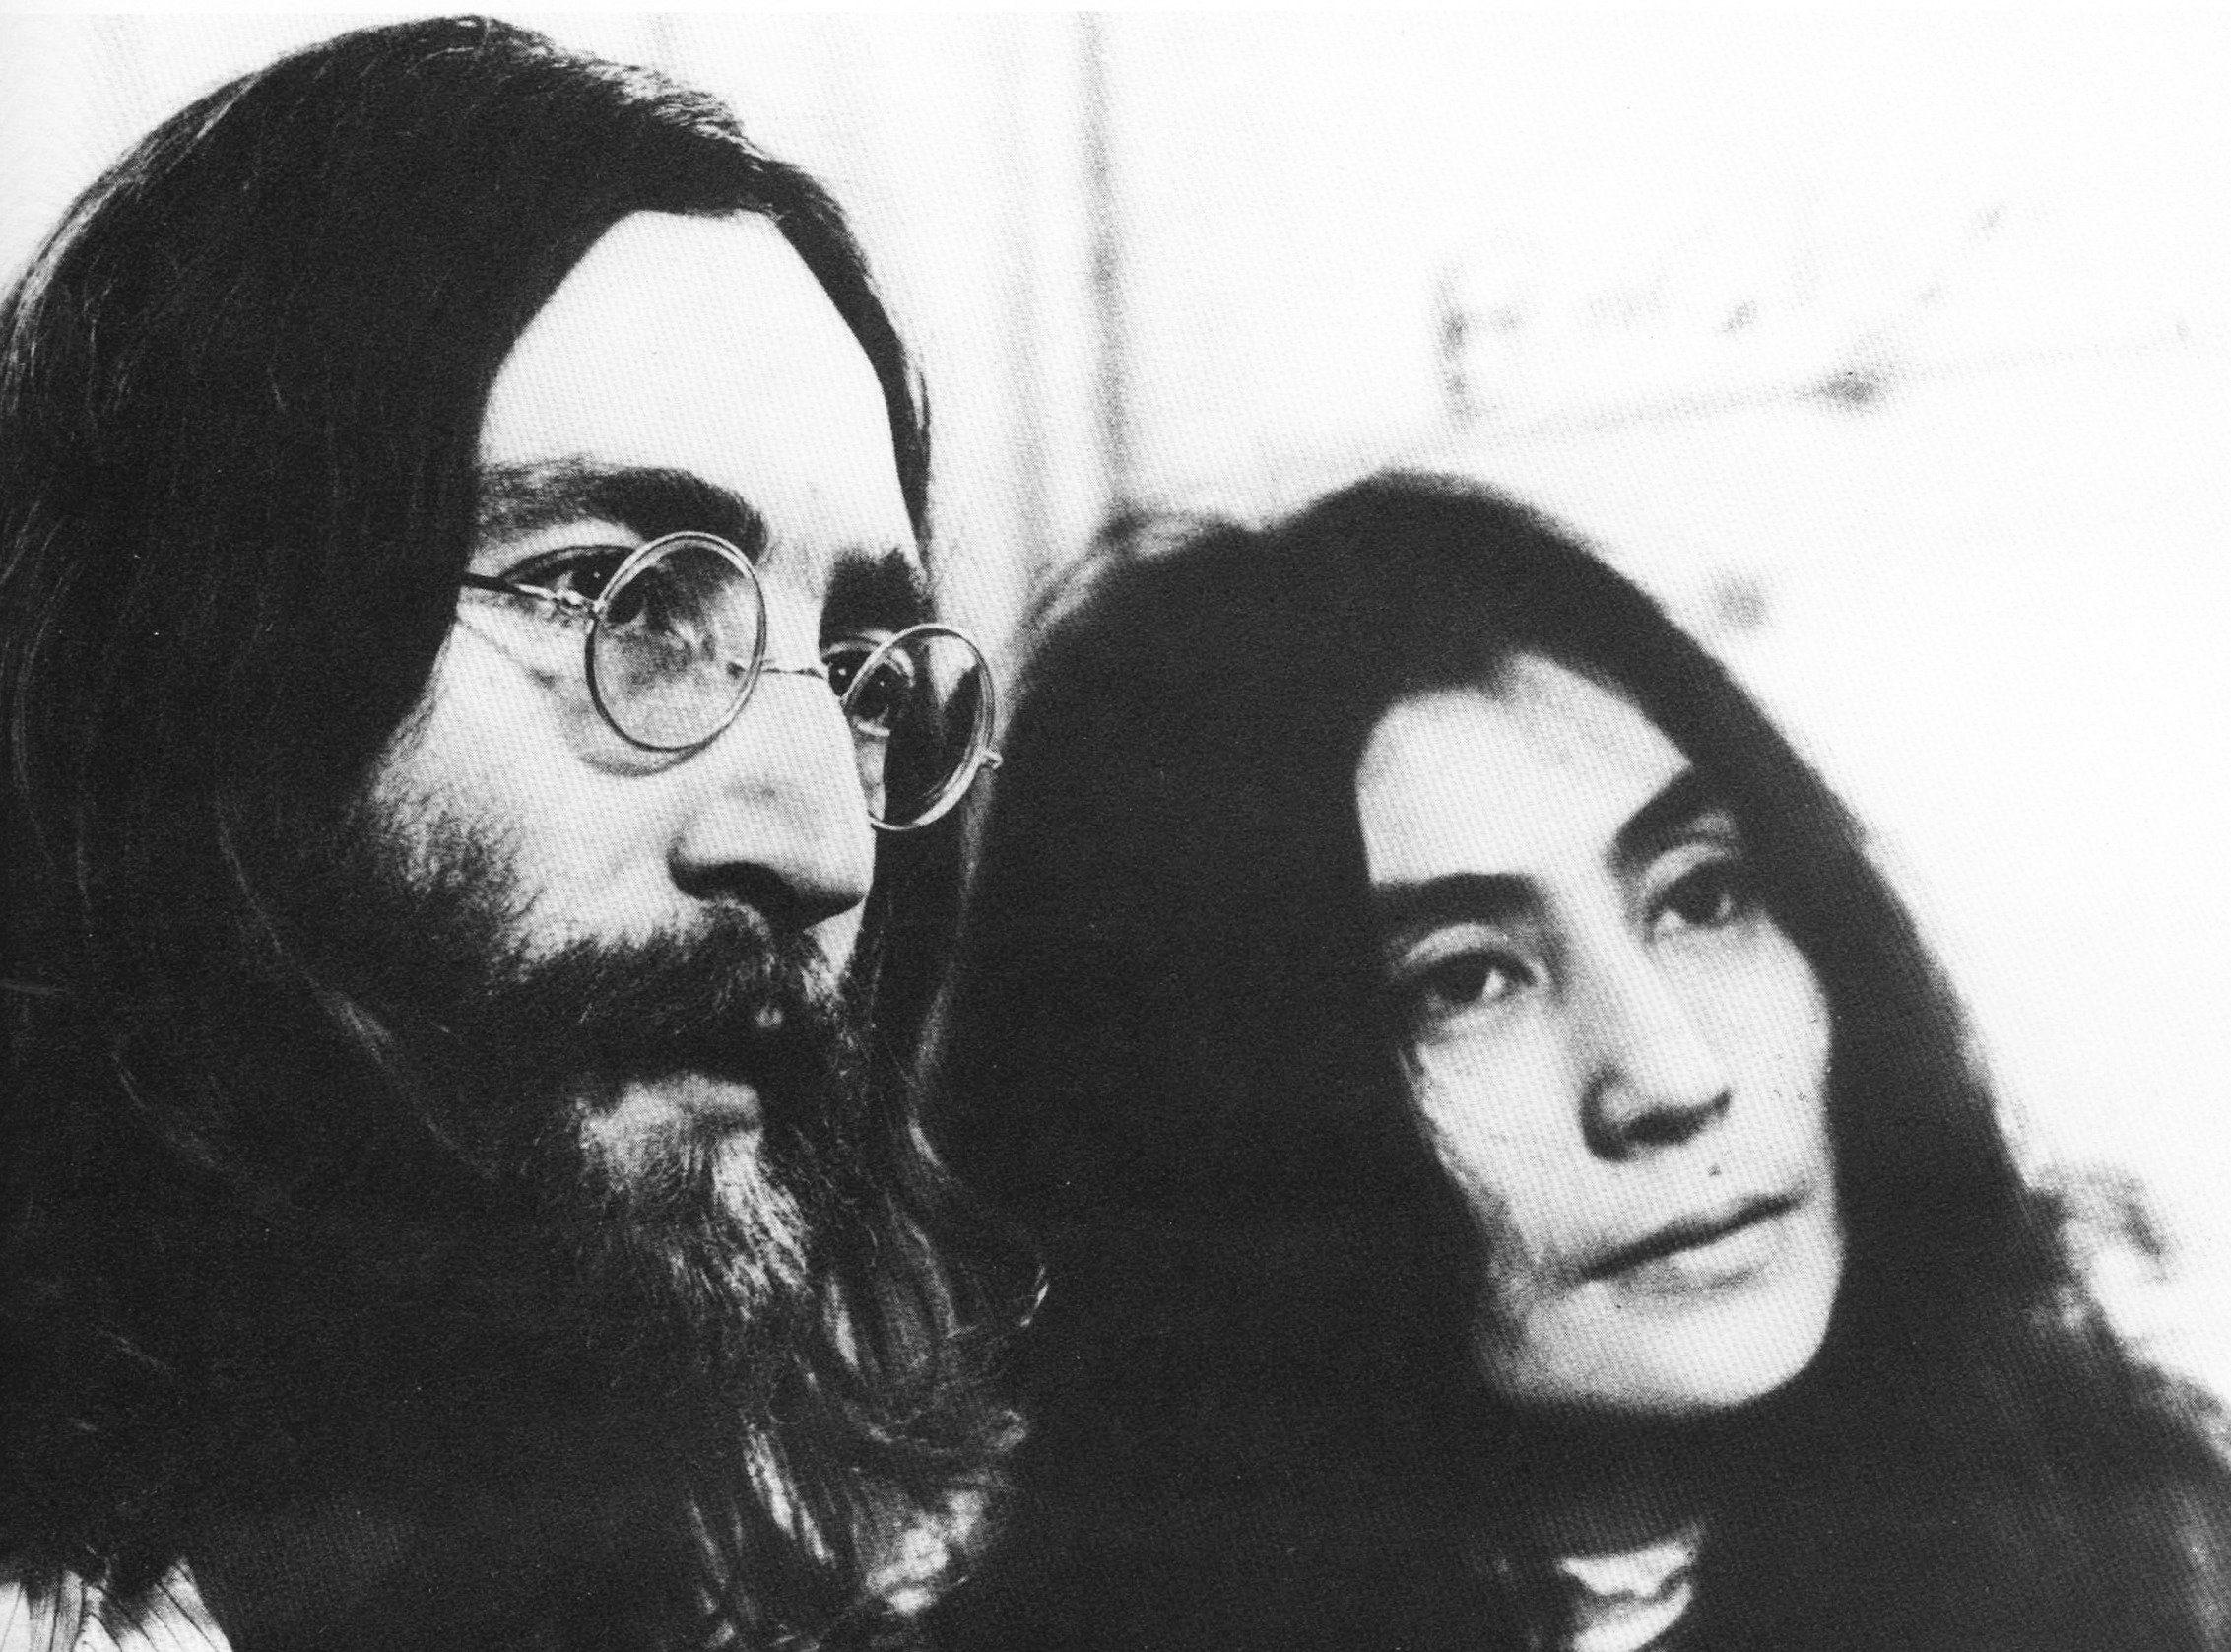 John Lennon & Yoko Ono John lennon beatles, John lennon